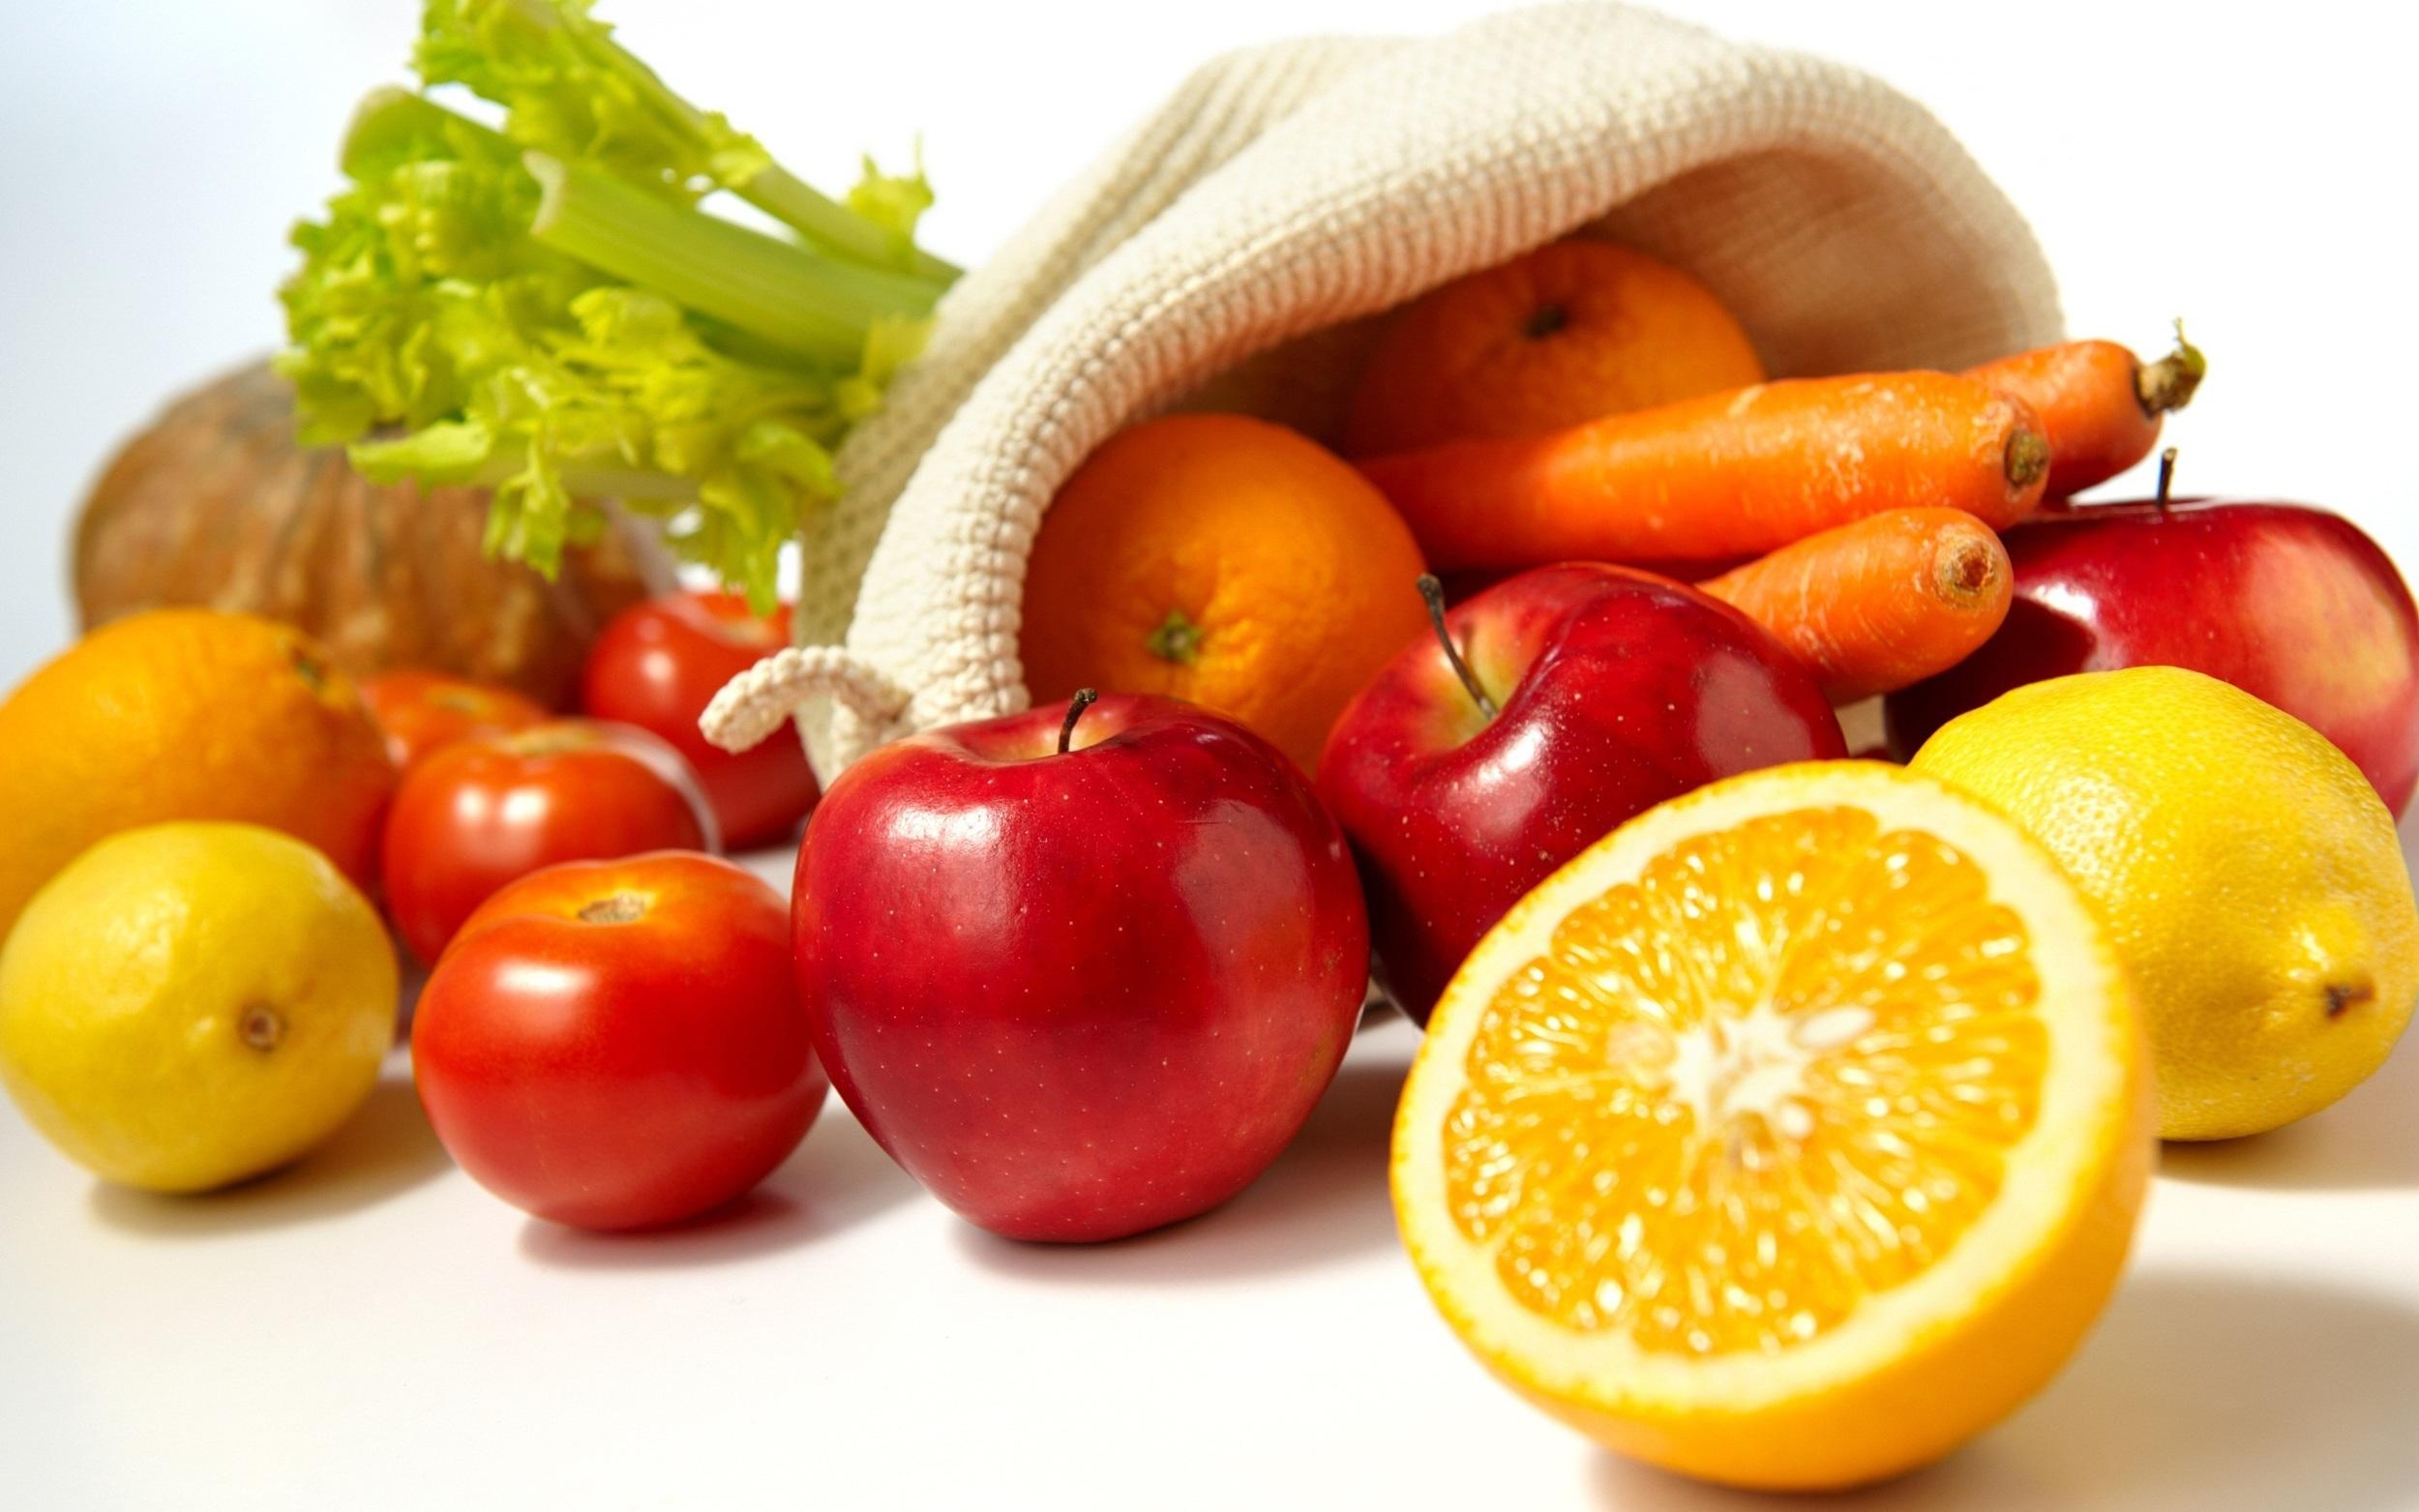 Fruit-Vegetables-Healthy-Food.jpg